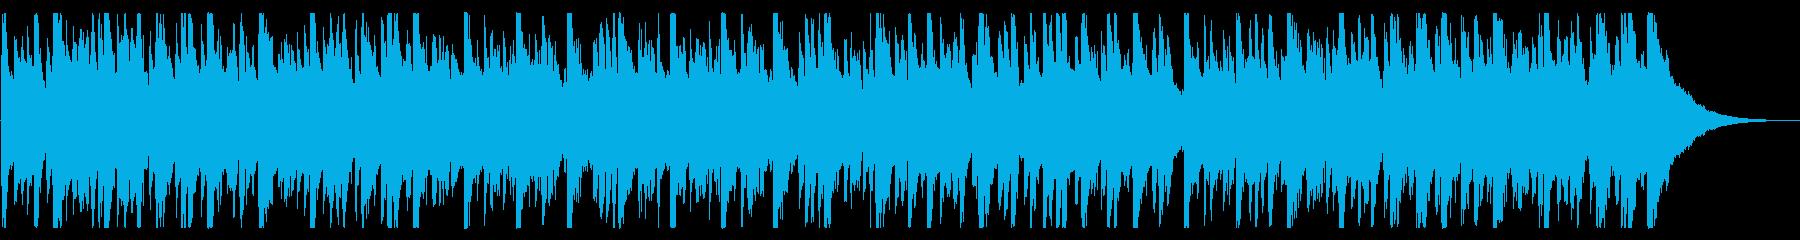 ほのぼのとした懐かしいエレクトロニックの再生済みの波形